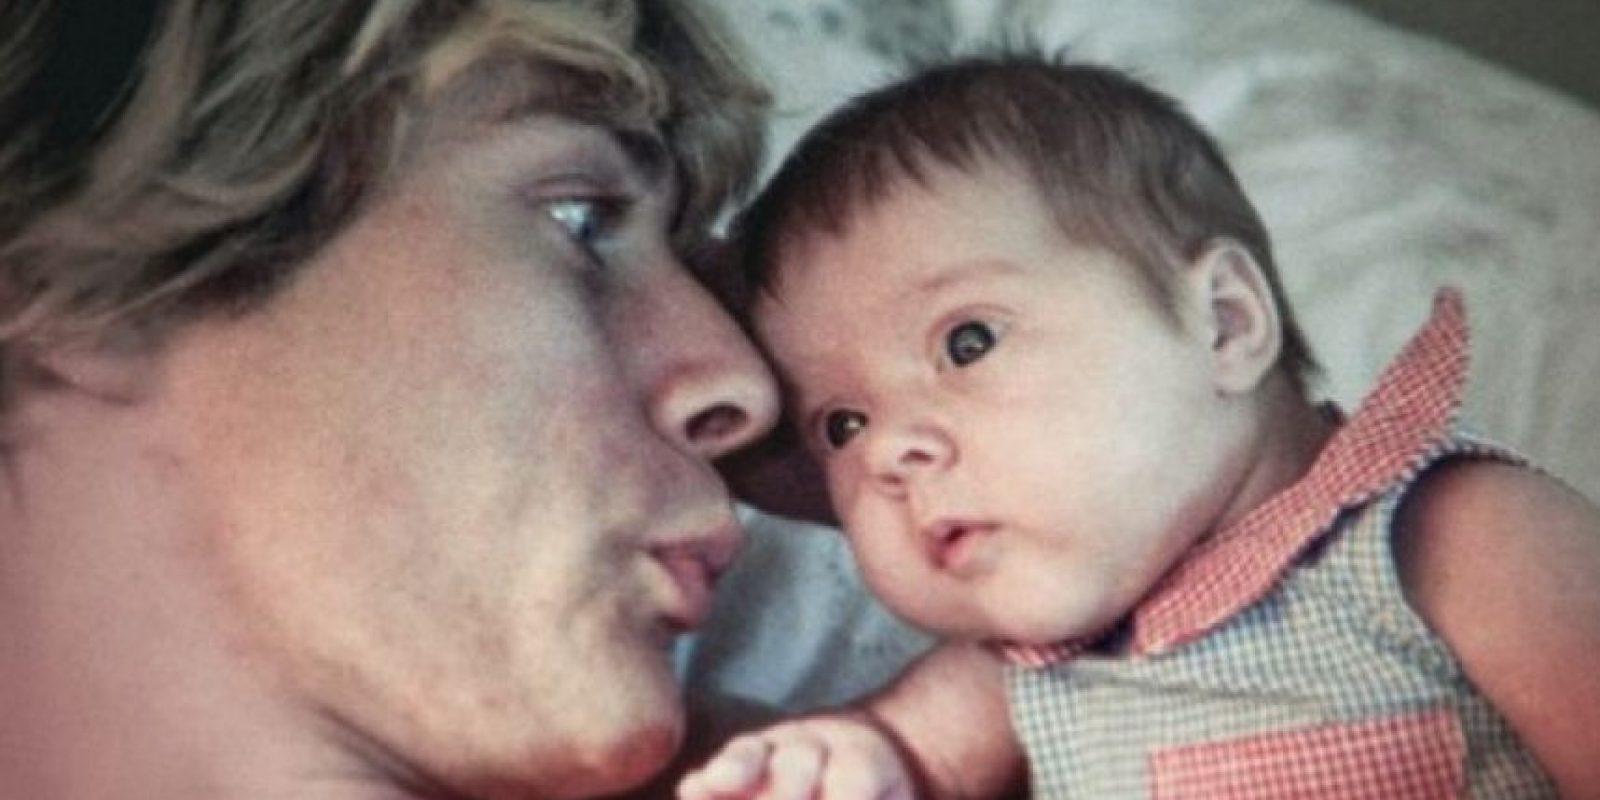 Por extraño que pudiera parecer, tenía cierta fascinación por la anatomía humana y los fetos Foto:vía facebook Cobain: Montage of Heck